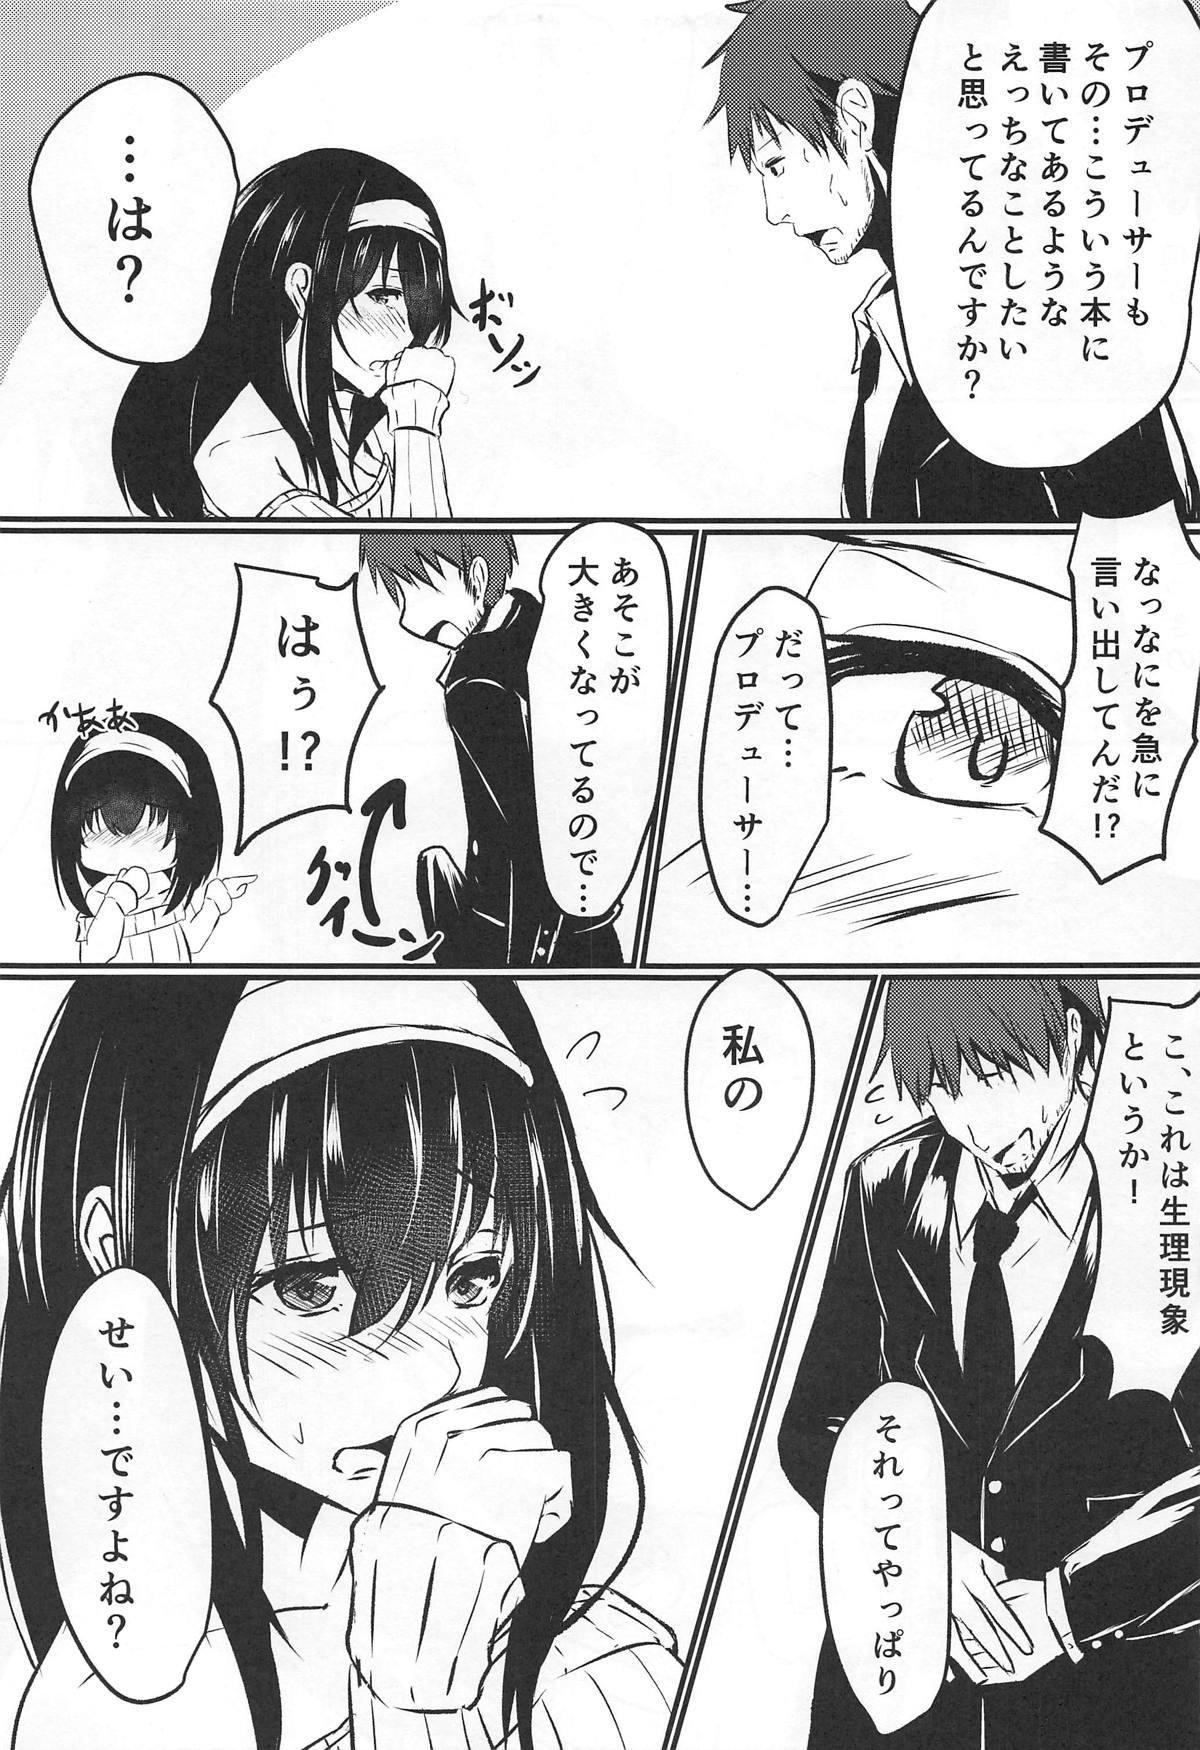 Sagisawa-san Nani Shiterun desu ka? 7